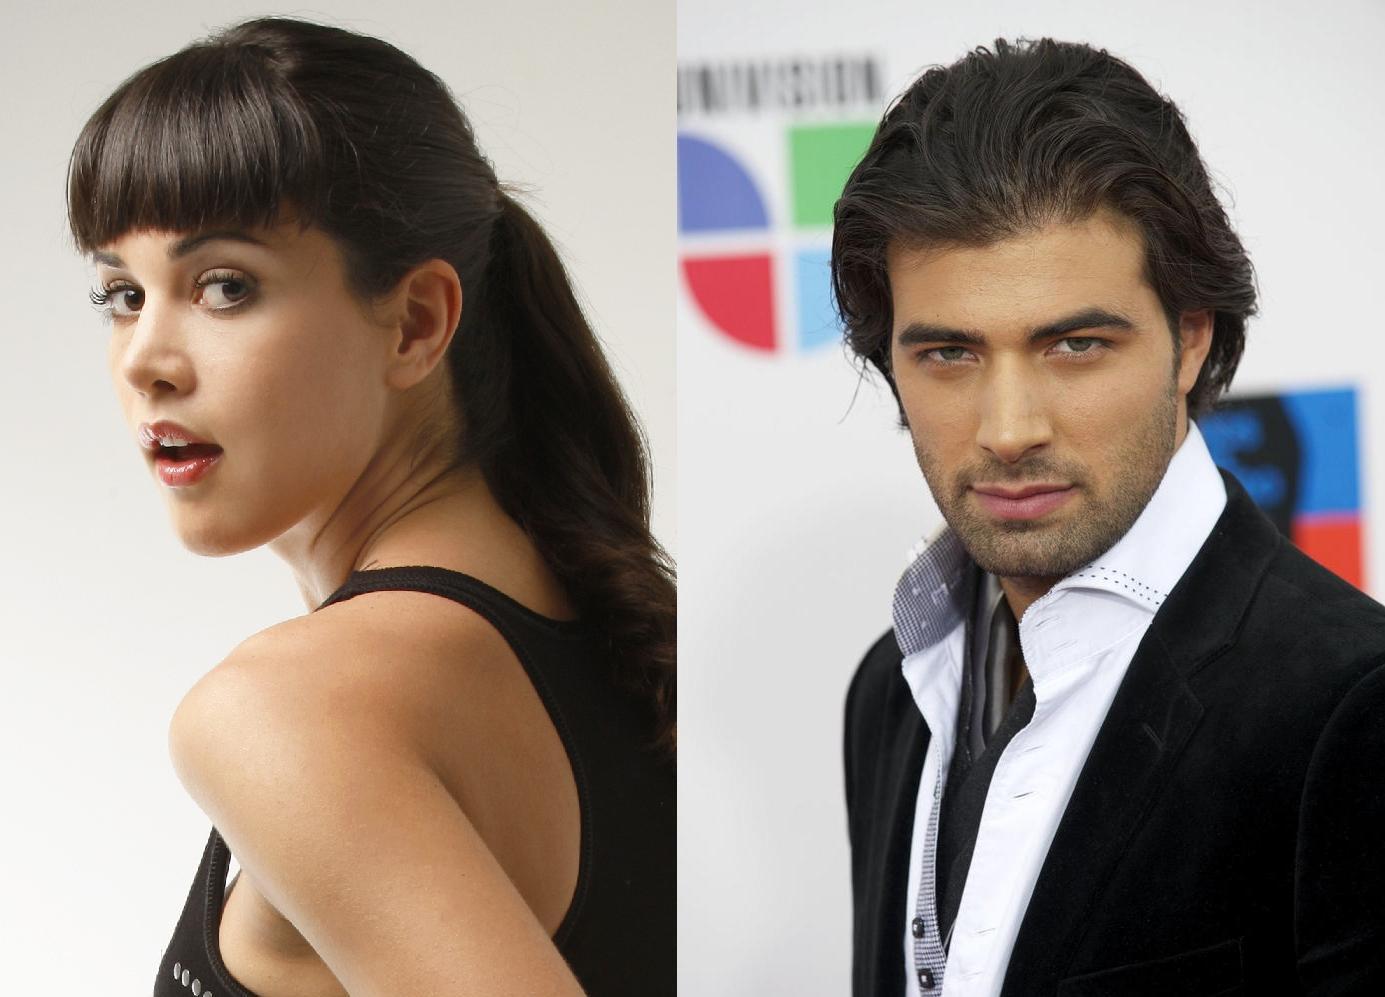 ... las telenovelas, y lo hará junto a la venezolana Mónica Spear en la